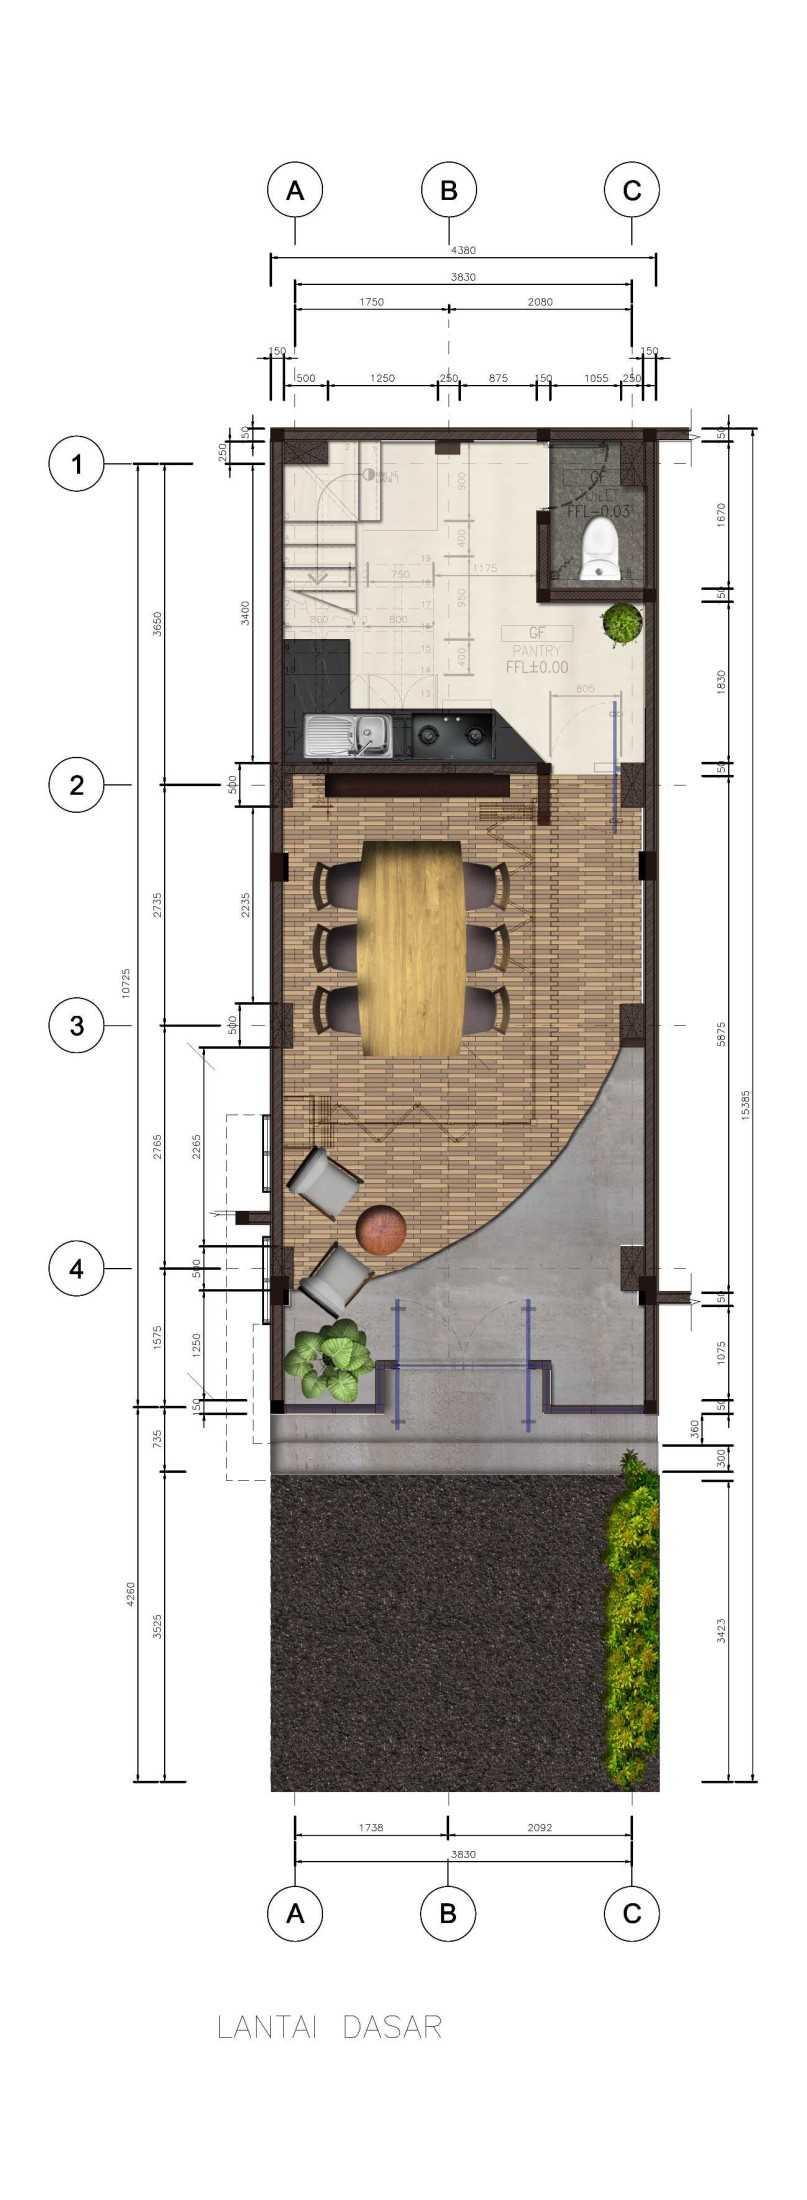 Studio Rakit Grata Consultant Building Design Kota Tgr. Sel., Kota Tangerang Selatan, Banten, Indonesia Kota Tgr. Sel., Kota Tangerang Selatan, Banten, Indonesia Studio-Rakit-Grata-Consultant-Building-Design  62290